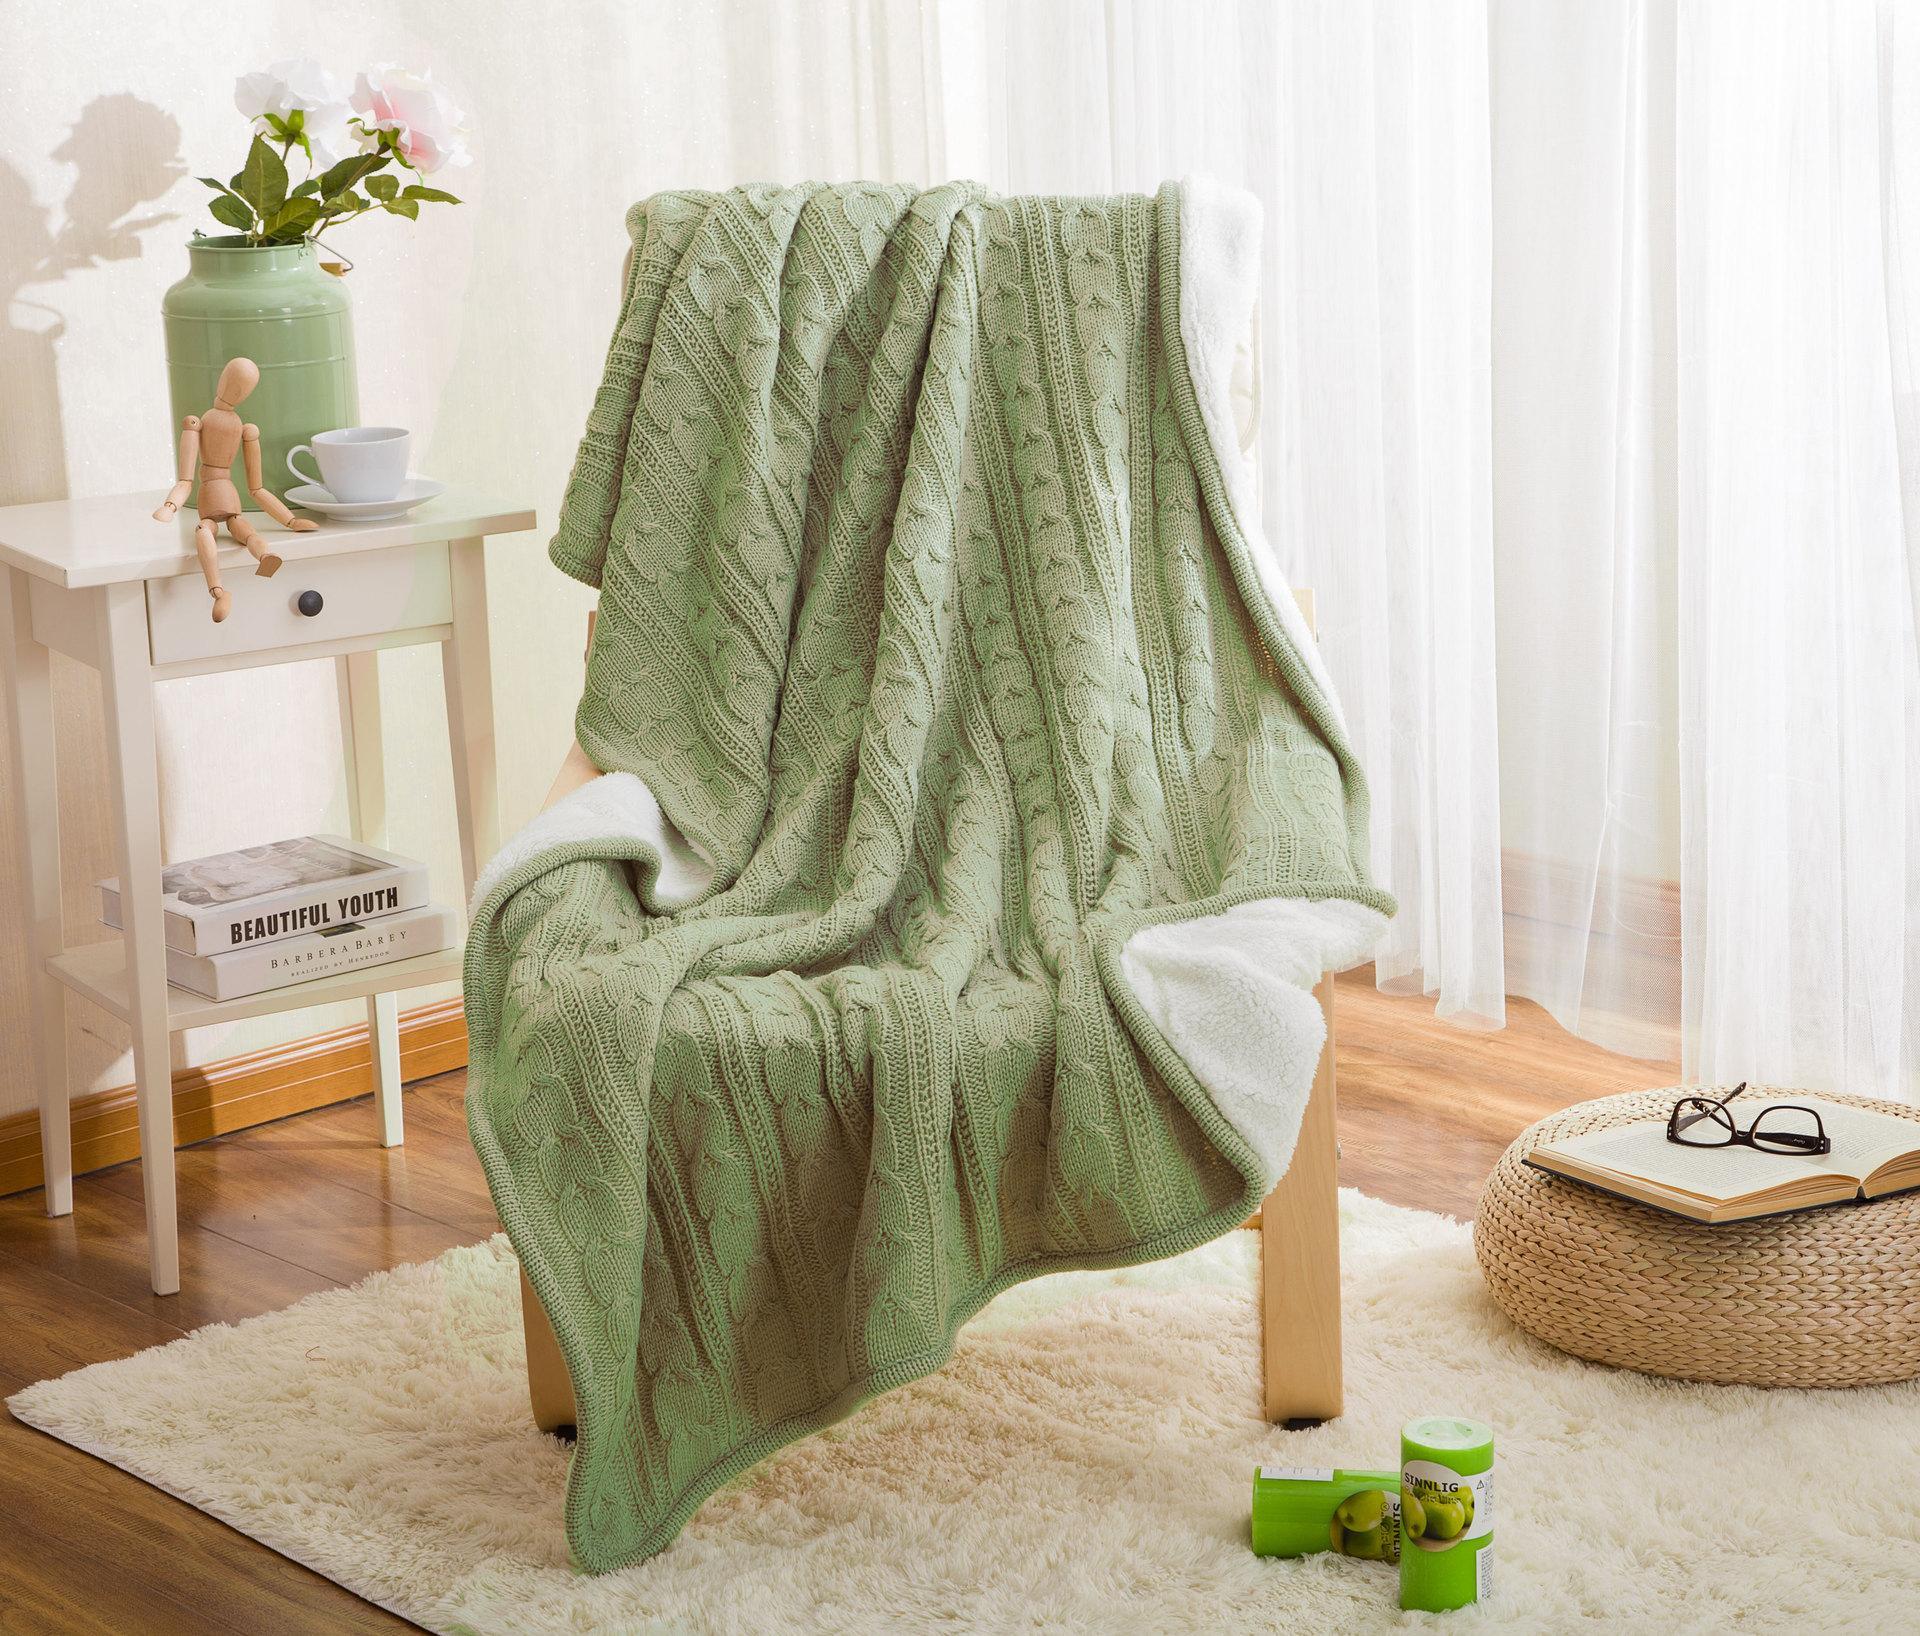 100% хлопок, высокое качество, овечье вельветовое одеяло, зимнее теплое вязаное шерстяное одеяло, диван/покрывало для кровати, одеяло, вязаное... - 2